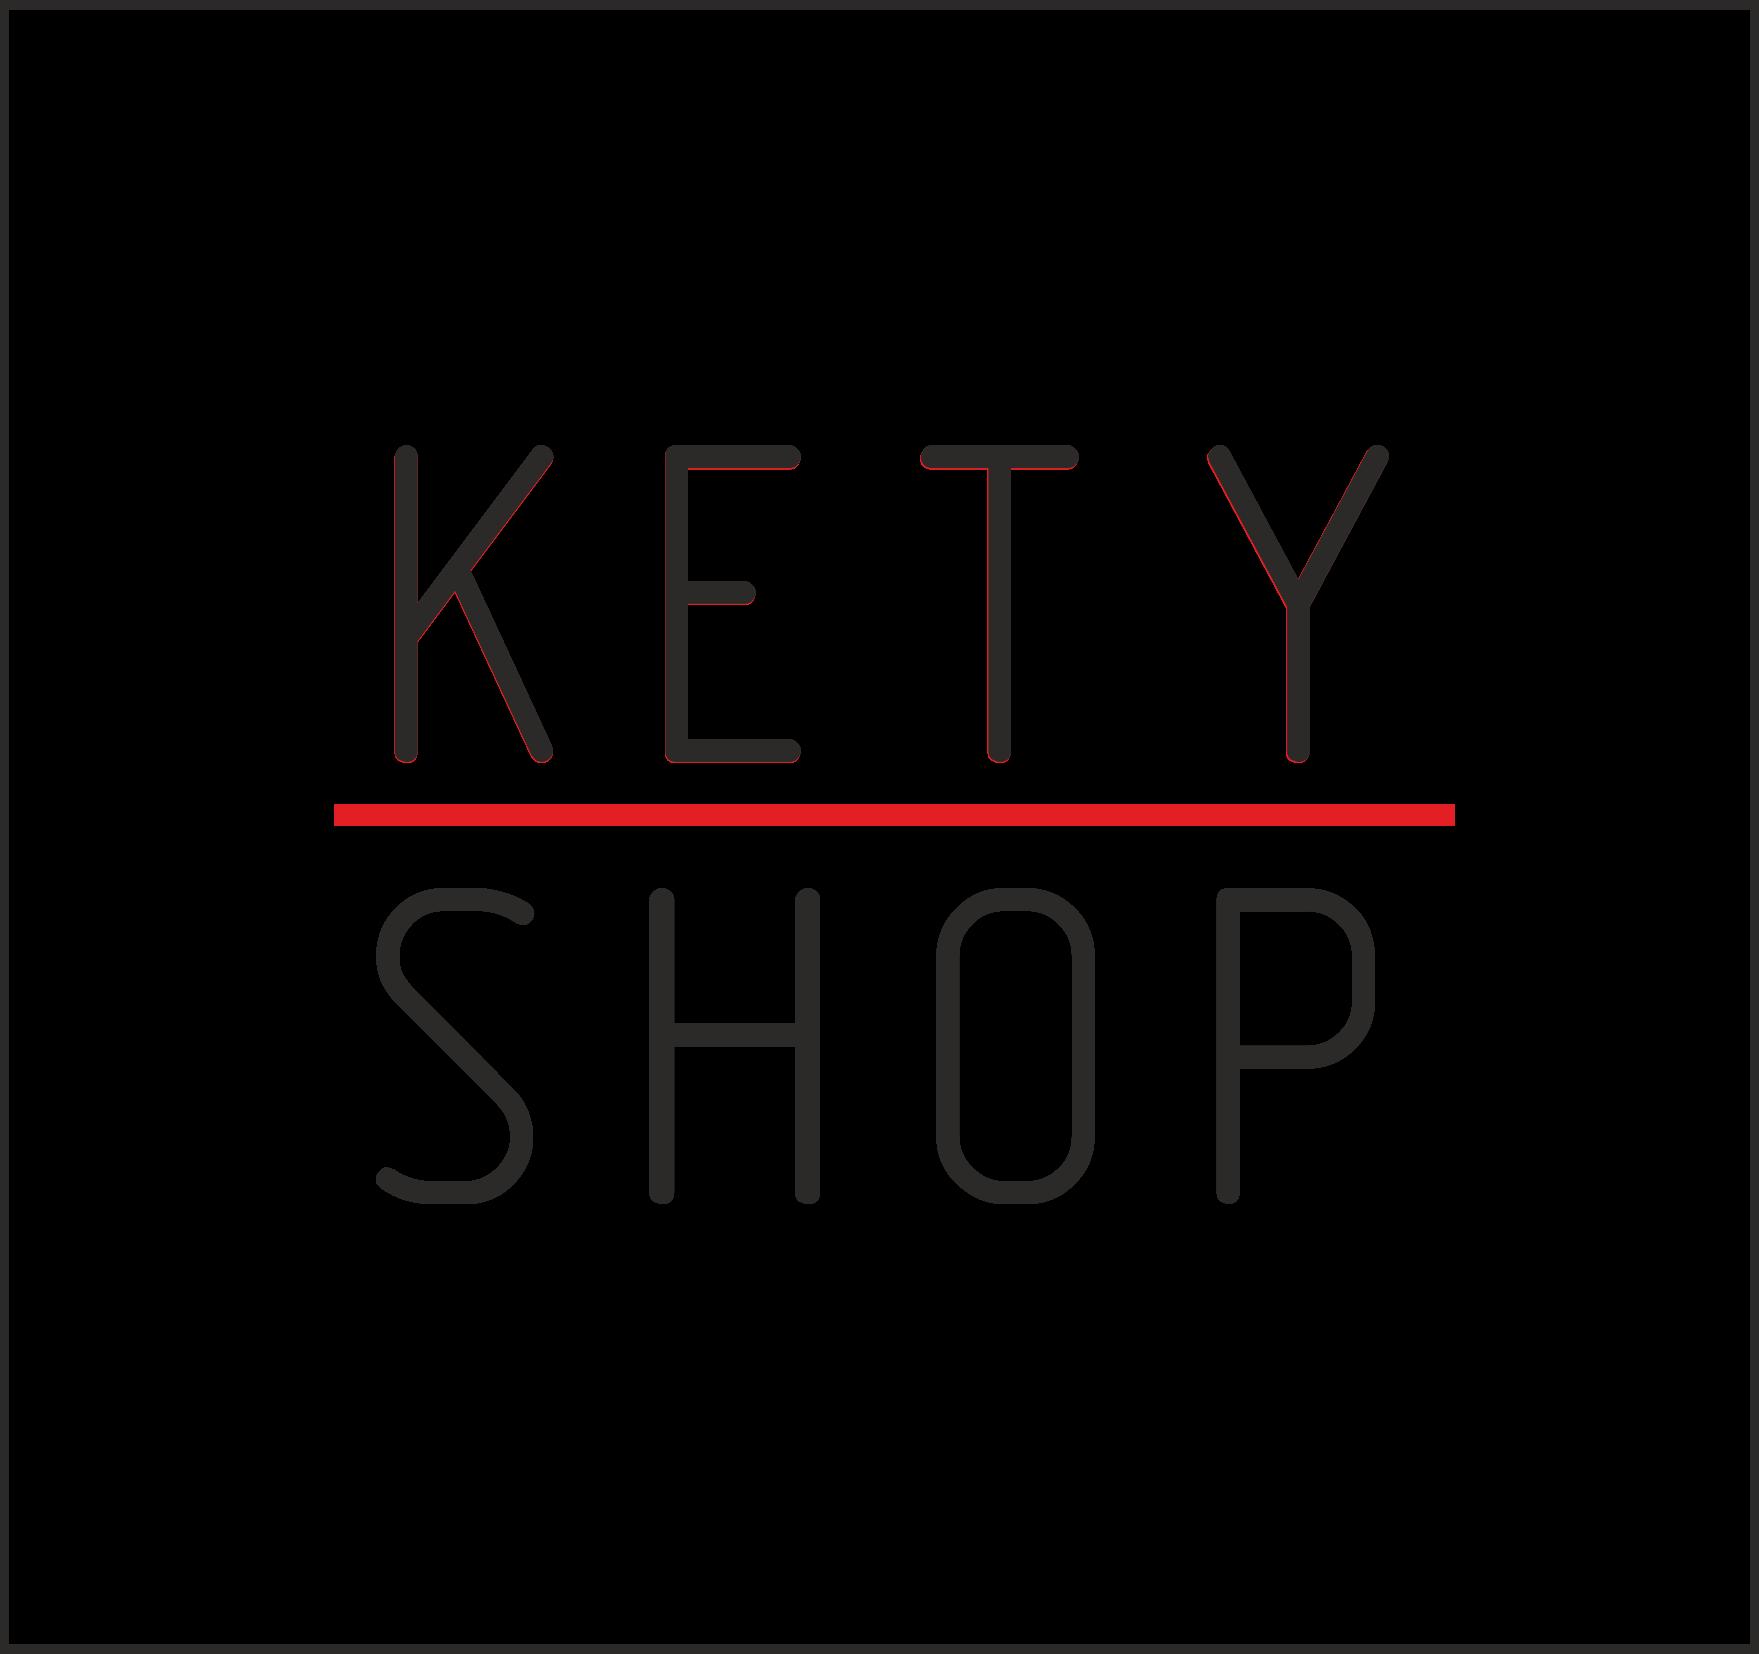 Kety Shop